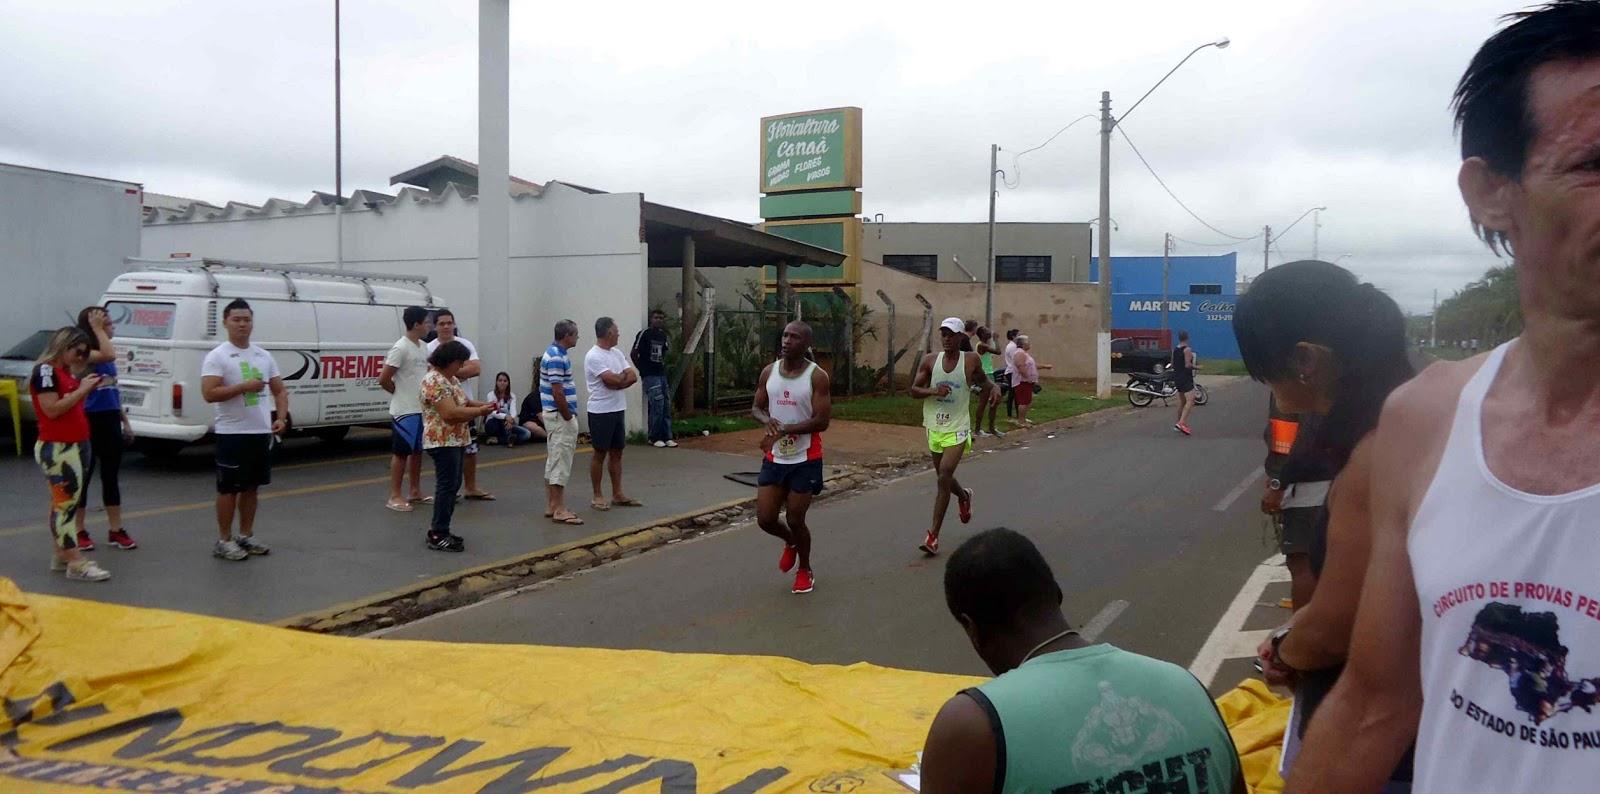 Foto 89 da 1ª Corrida Av. dos Coqueiros em Barretos-SP 14/04/2013 – Atletas cruzando a linha de chegada